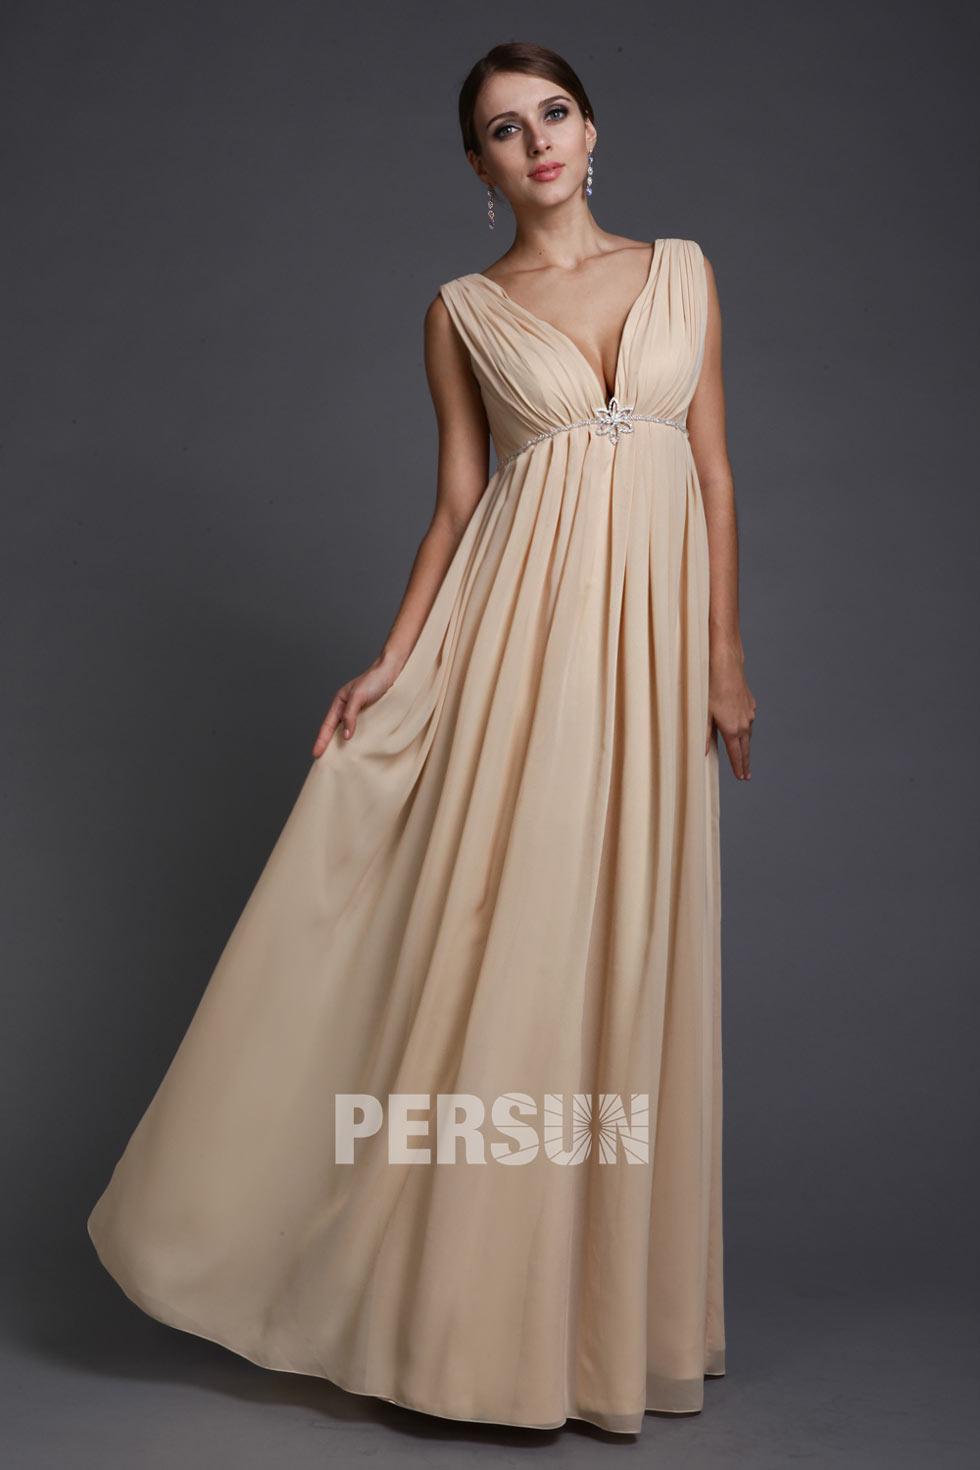 robe de cérémonie longue simple femme enceinte champagne col v plongeant plissé